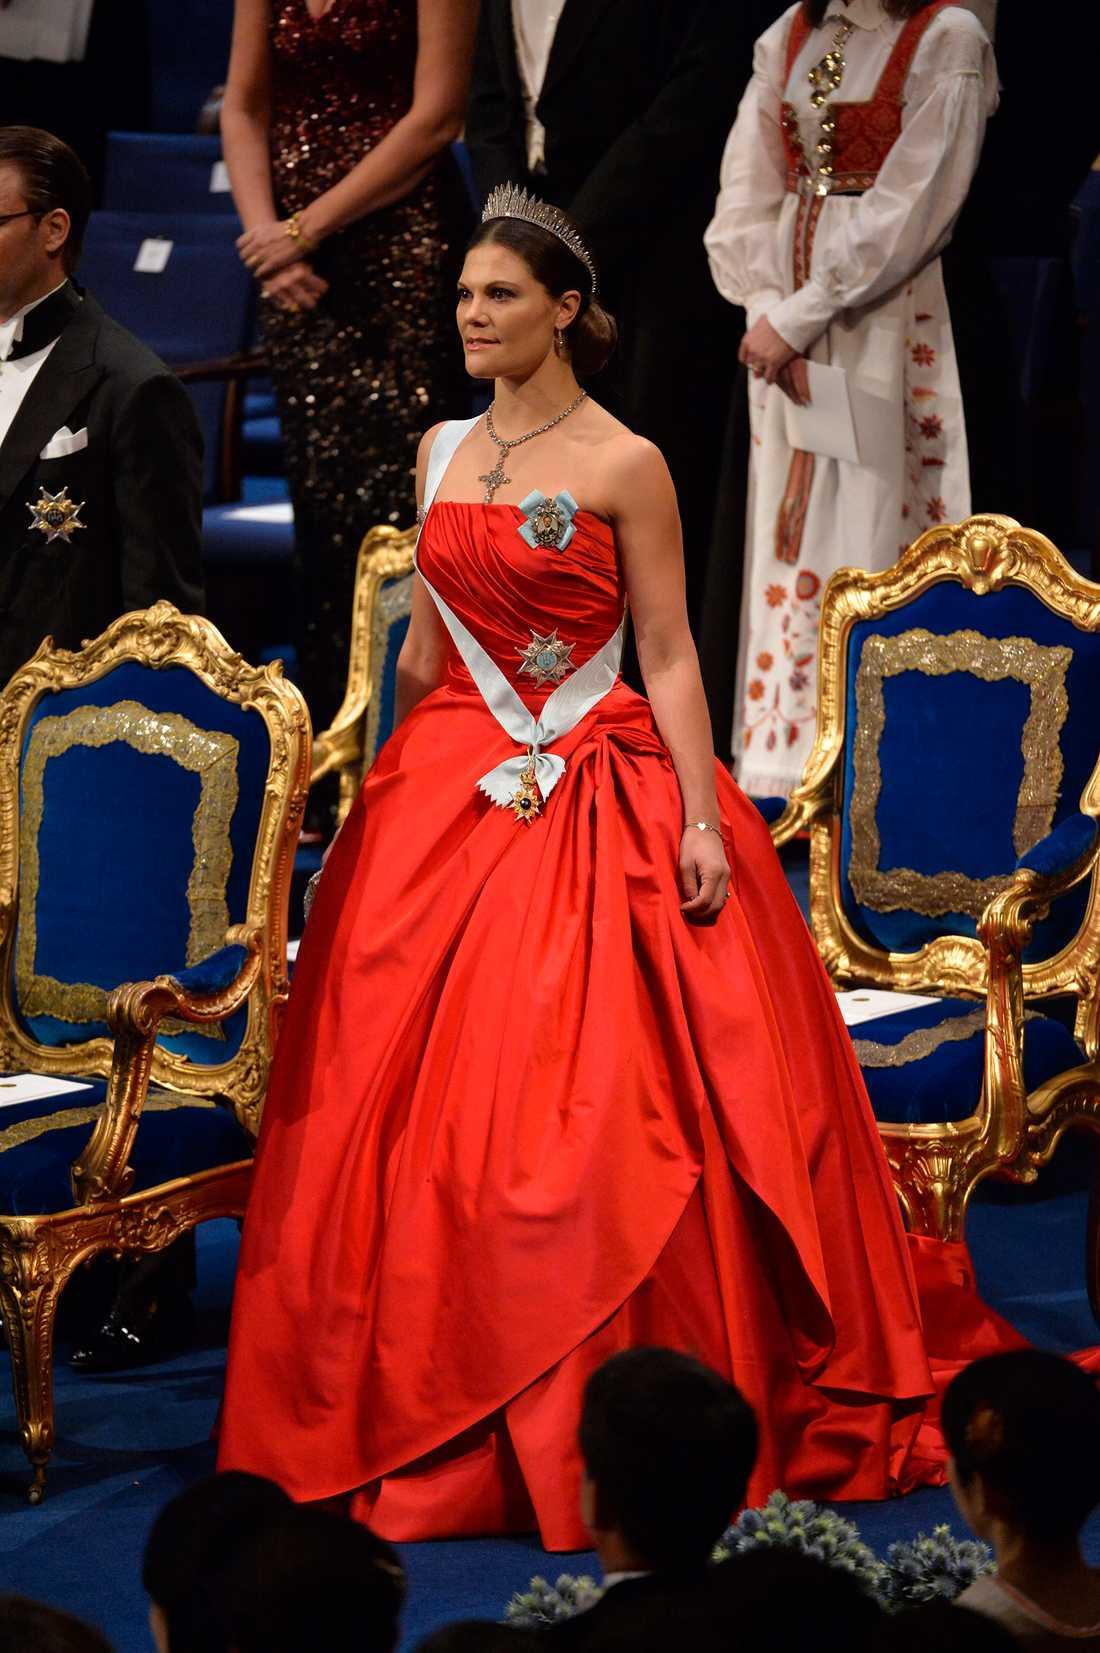 Kronprinsessan Victoria anländer till nobelprisutdelningen i konserthuset 2014 och stal showen fullständigt i den här sagolika klänningen signerad Pär Engsheden.